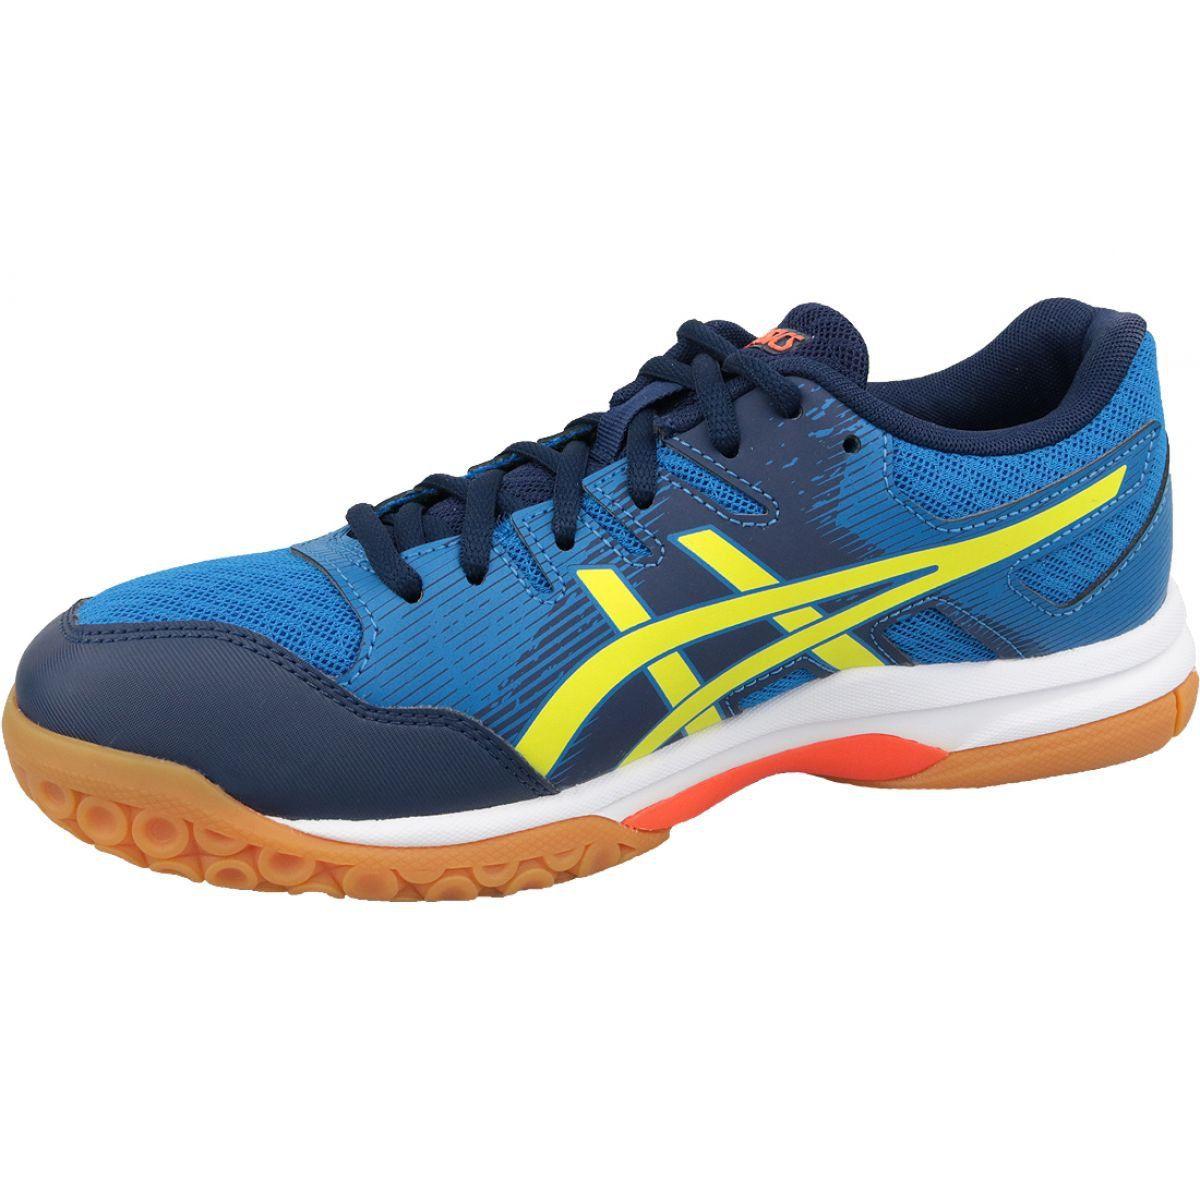 Buty Do Siatkowki Asics Gel Rocket 9 M 1071a030 400 Niebieskie Niebieskie Volleyball Shoes Blue Shoes Asics